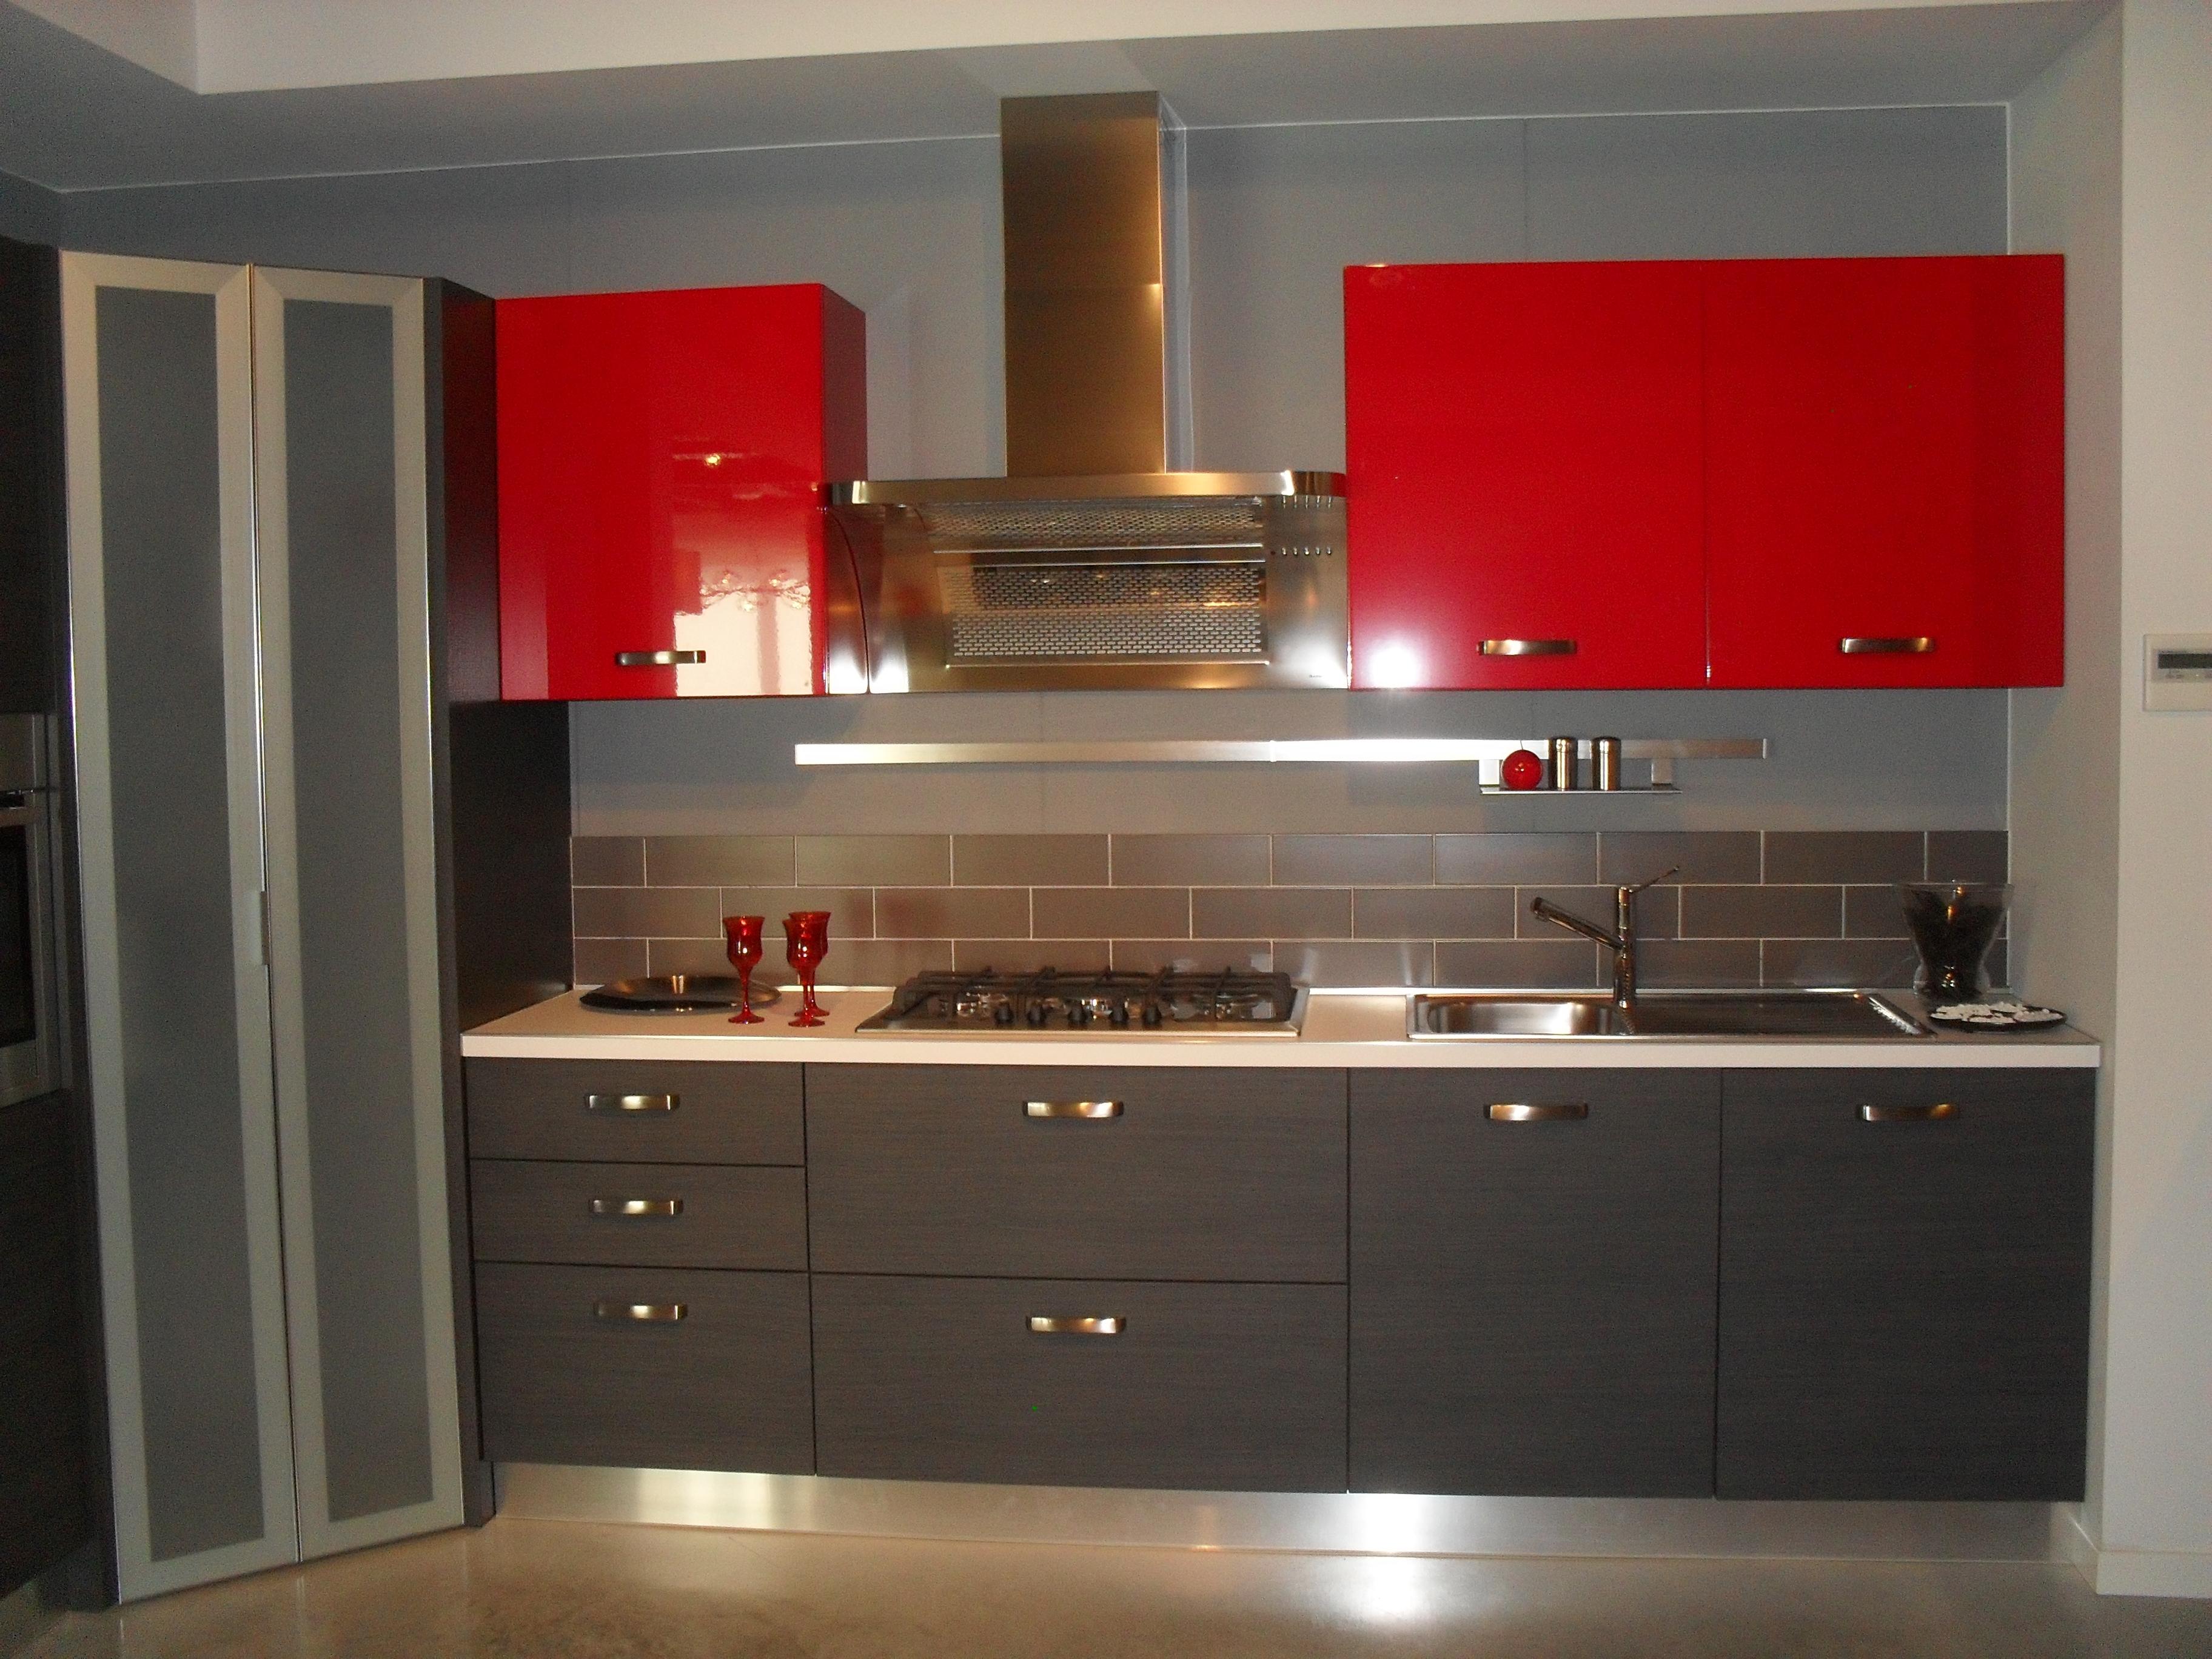 Cucina ARREX In Offerta Cucine A Prezzi Scontati #B30A13 3648 2736 Veneta Cucine O Arrex